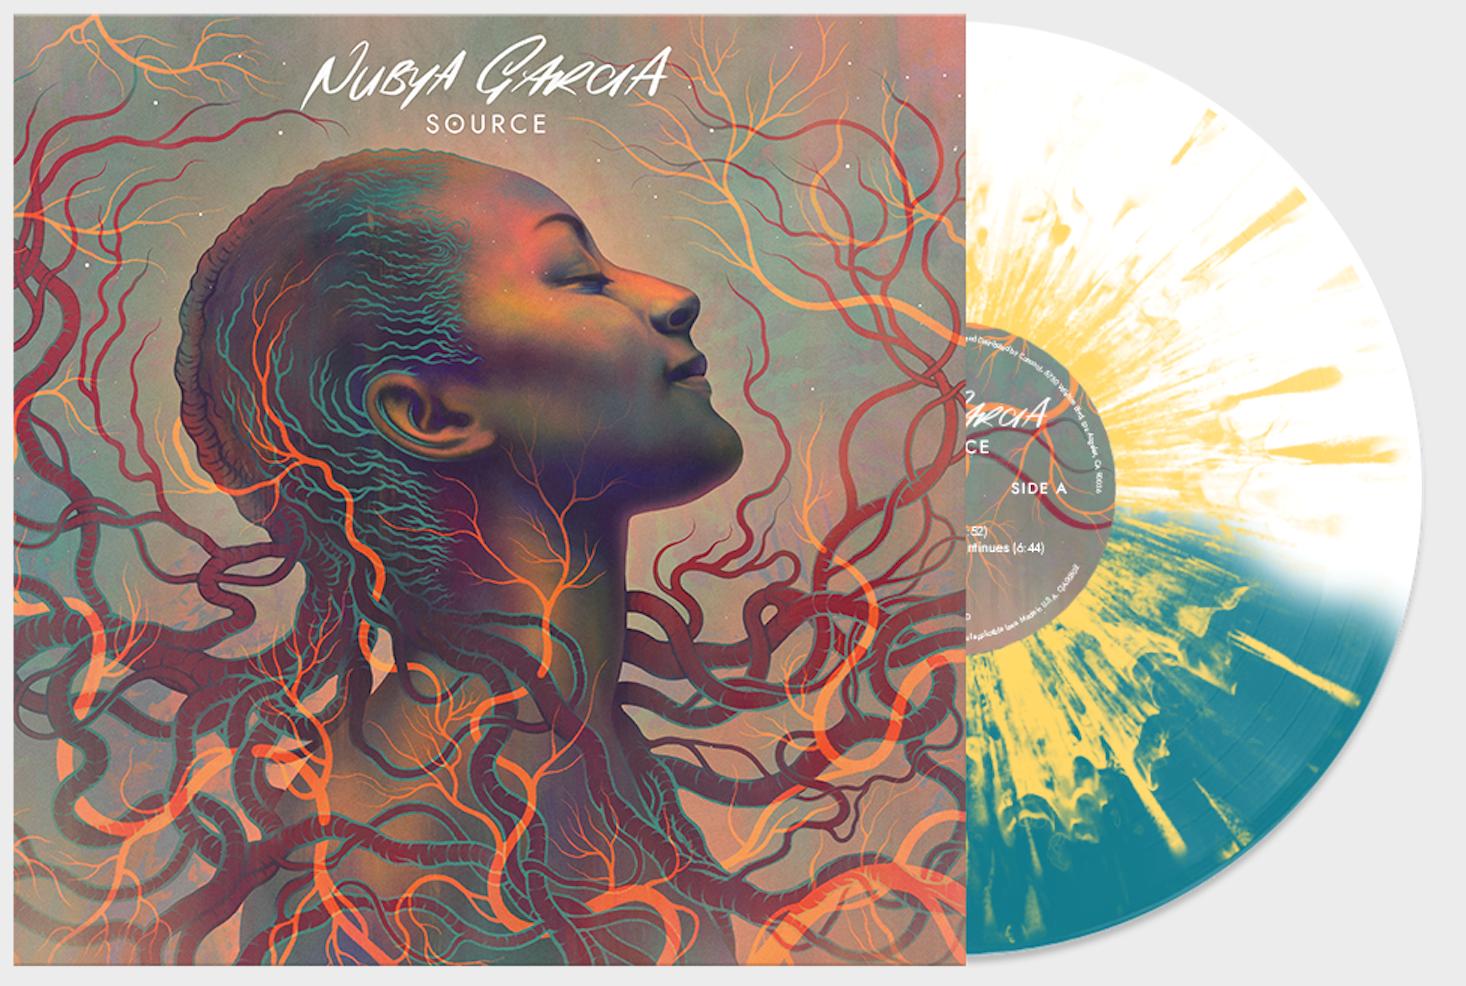 Nubya-Garcia-Indie-Exclusive-21-08-20